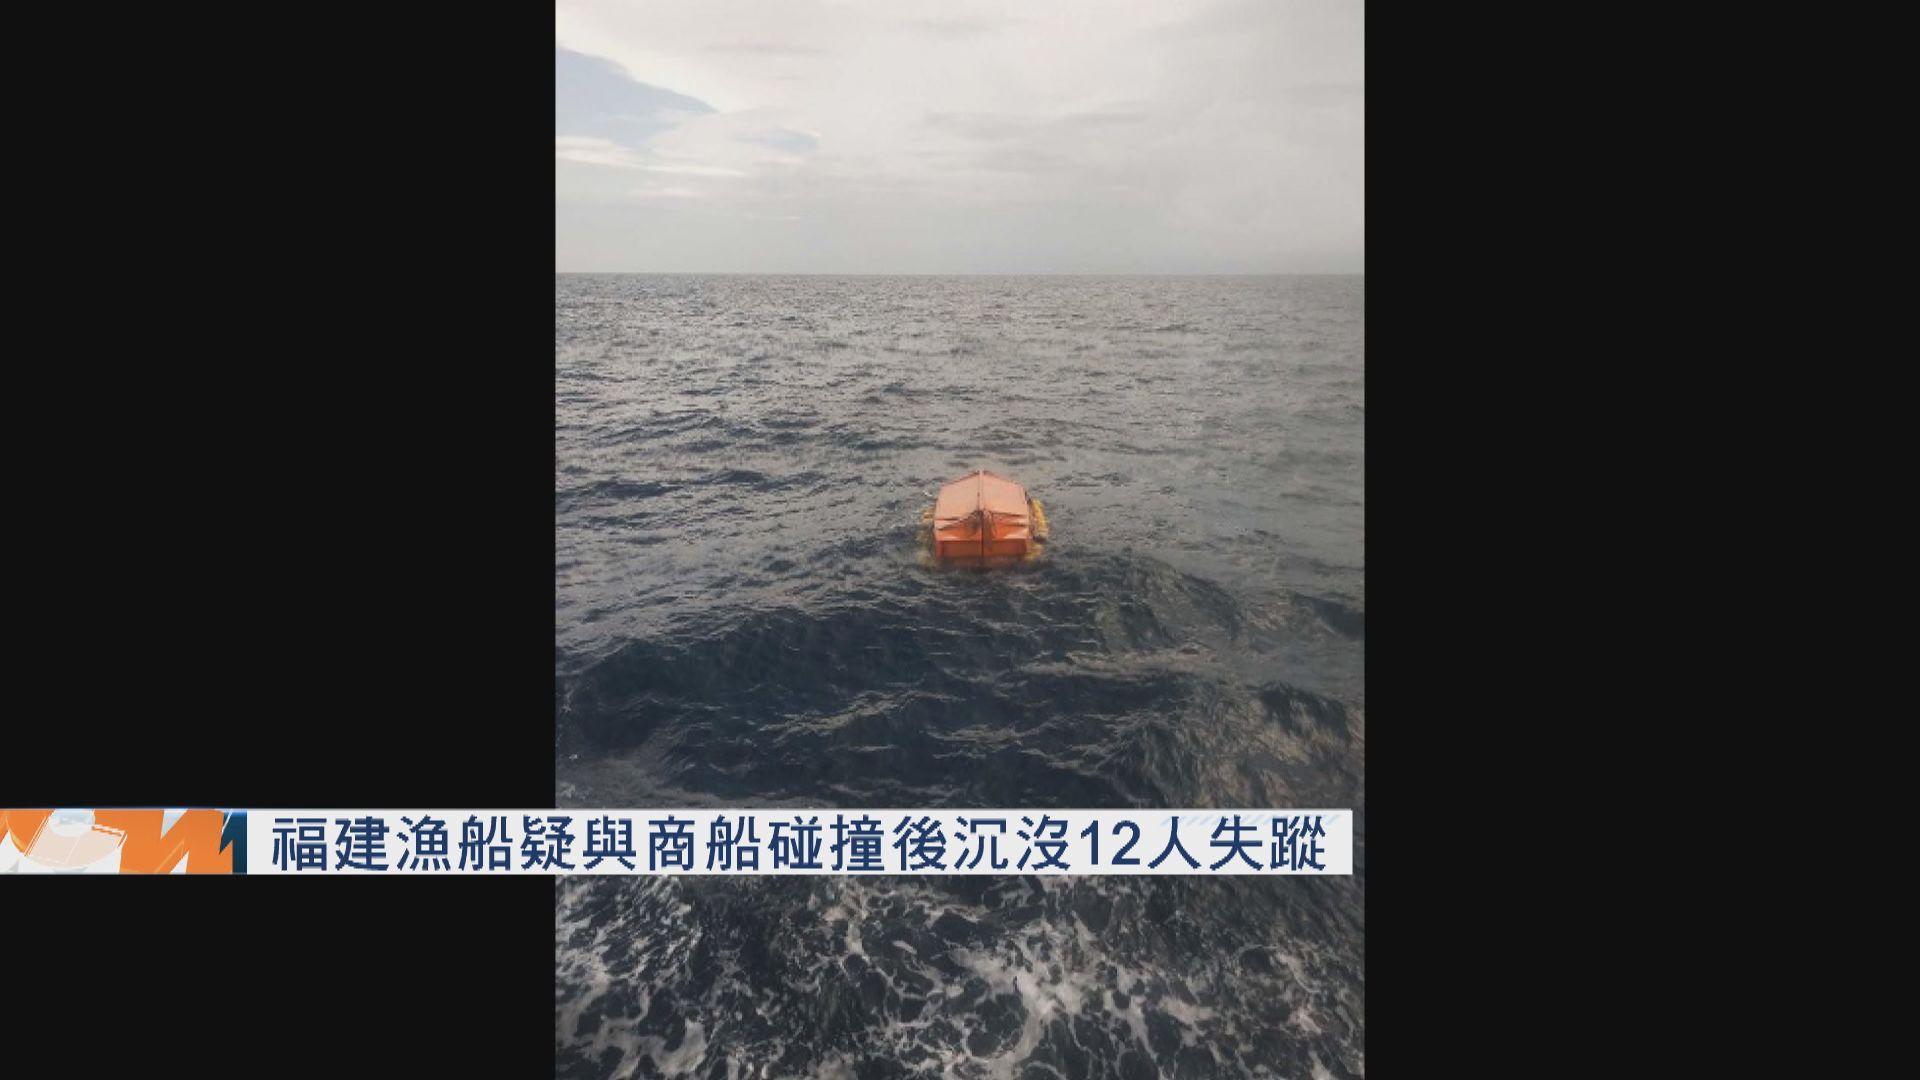 福建漁船疑與商船碰撞後沉沒 12人失蹤